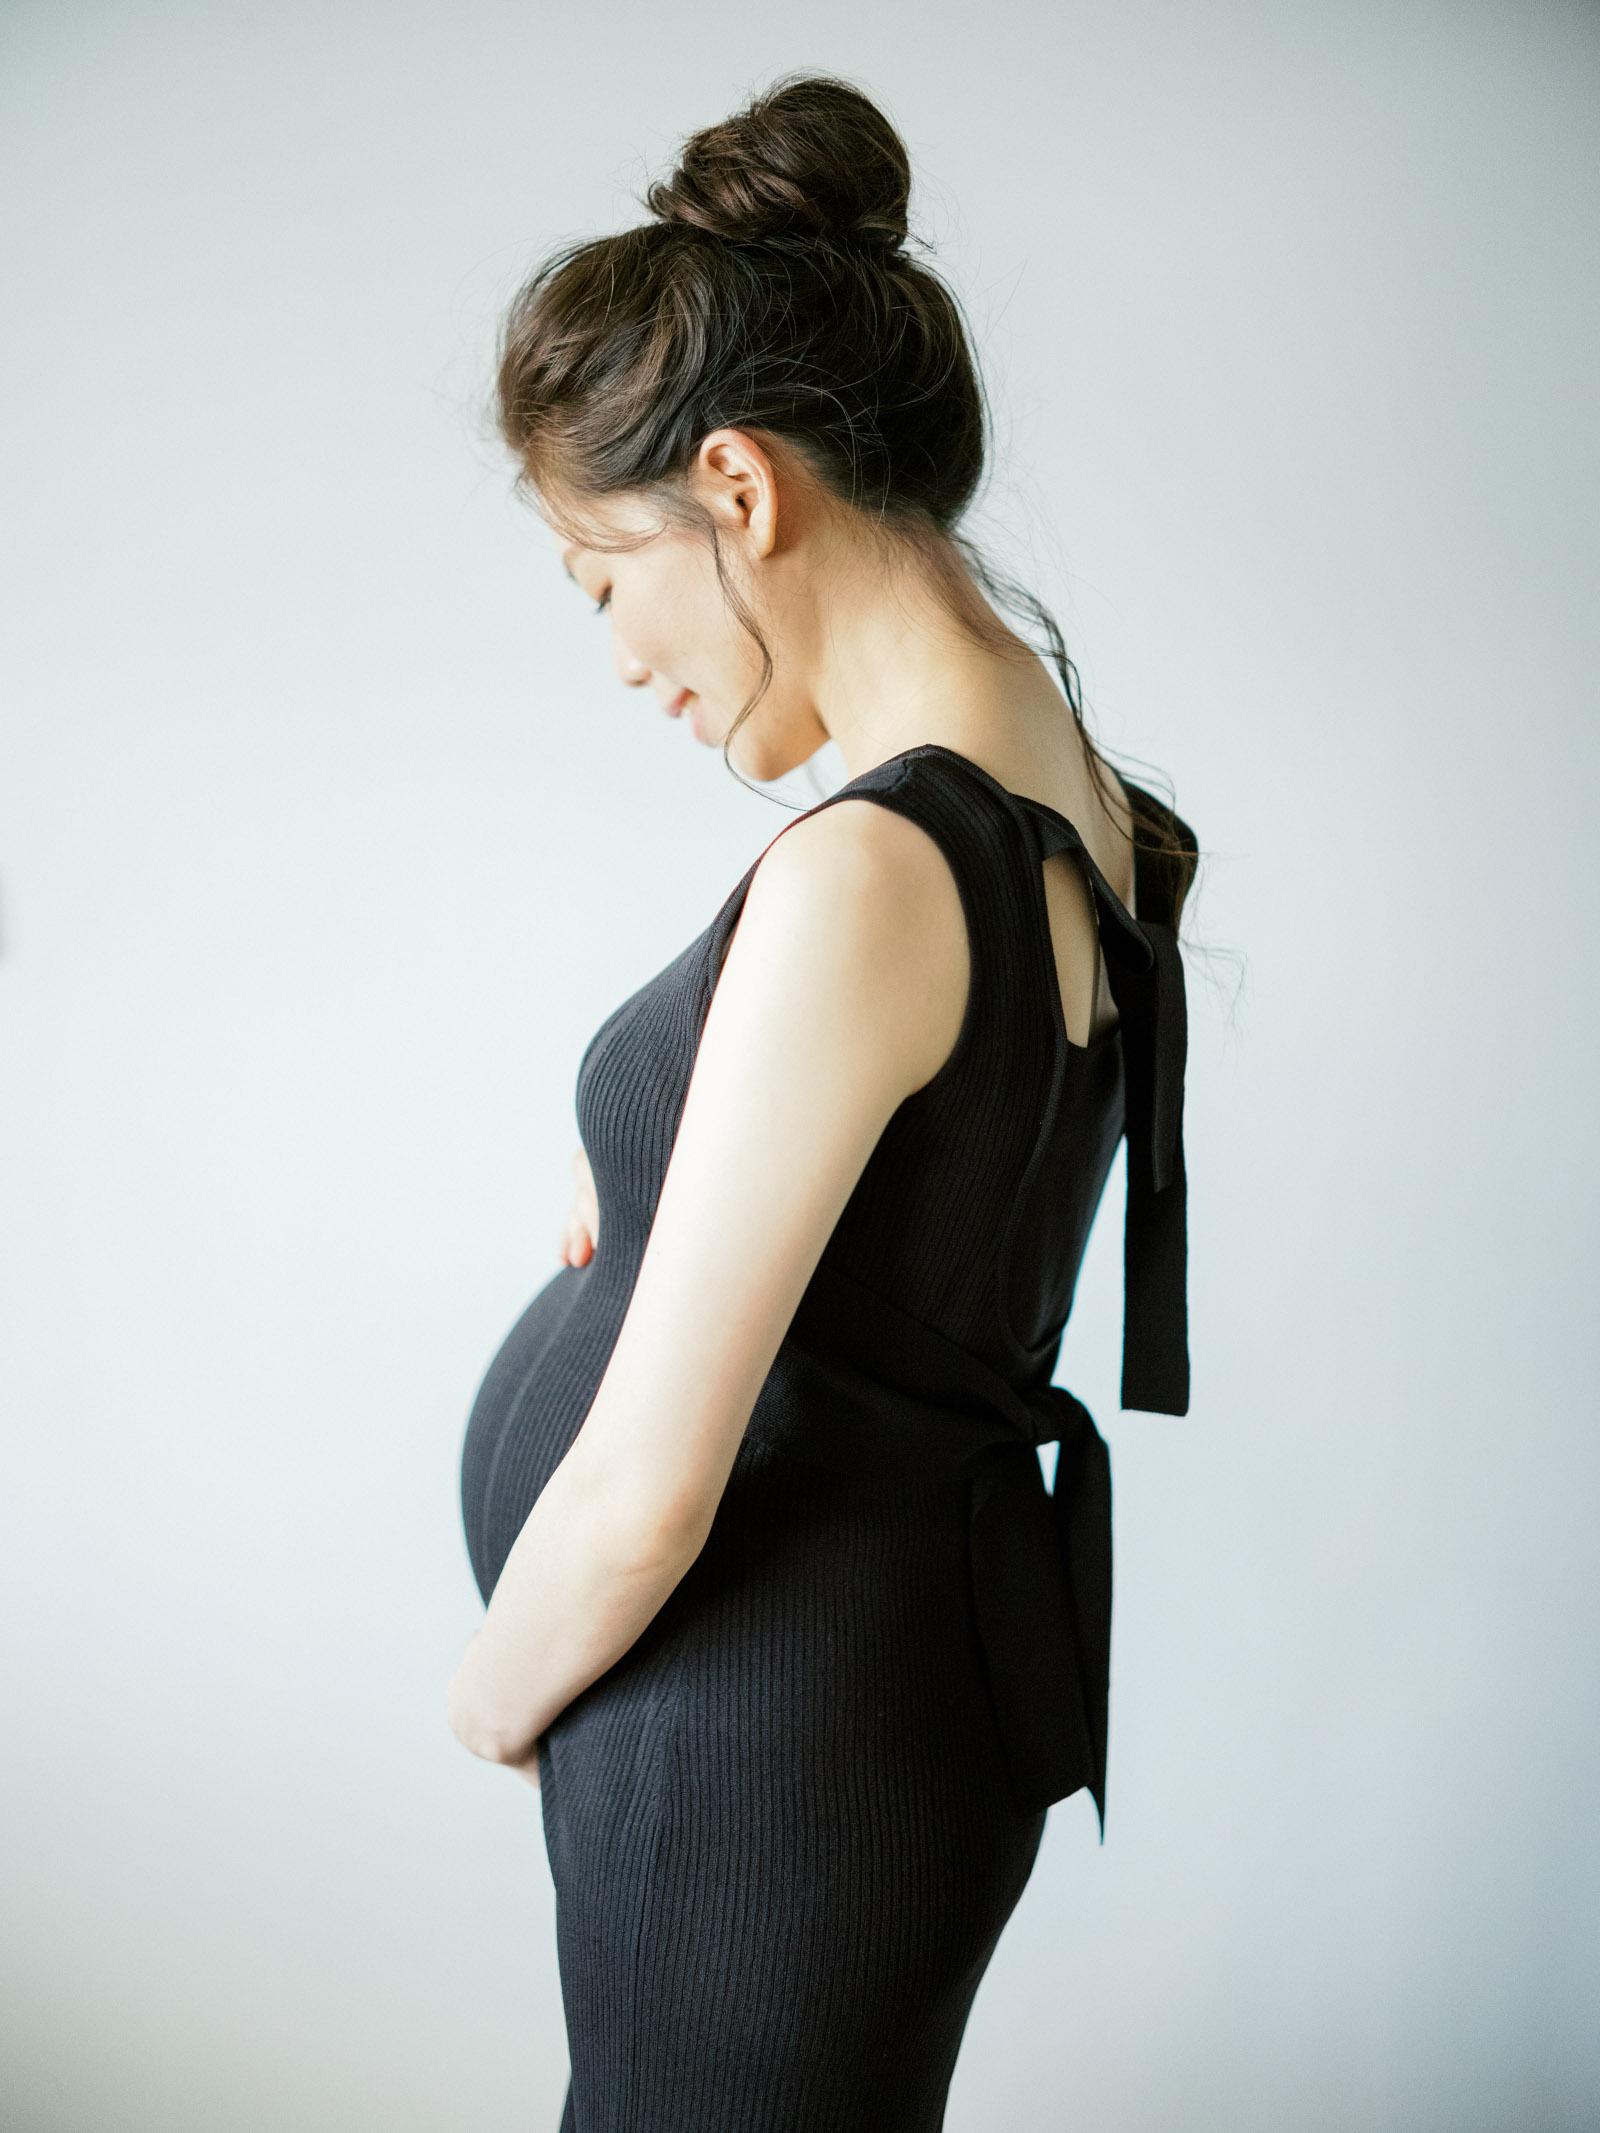 美式-孕期寫真-孕婦寫真-mark-hong-戶外-GFX-中片幅-Contax 645-底片-寶寶性別派對